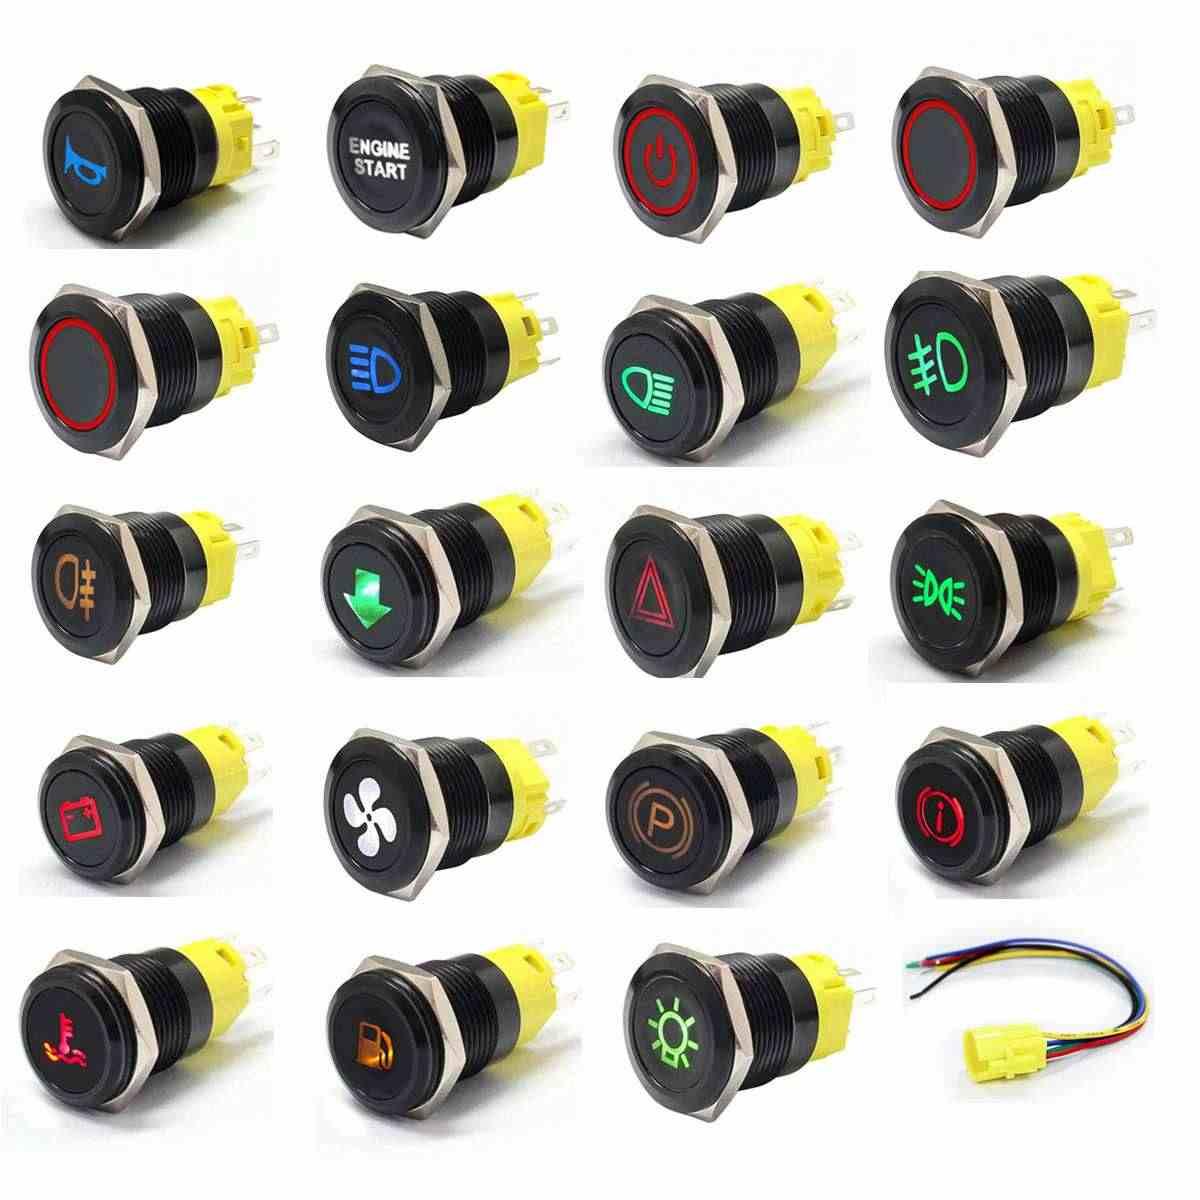 12V 19mm Led-anzeige Licht Lampe Dash Panel Warnung Licht Metall Push Button Schalter Momentary Rast auf off für auto yacht schiff